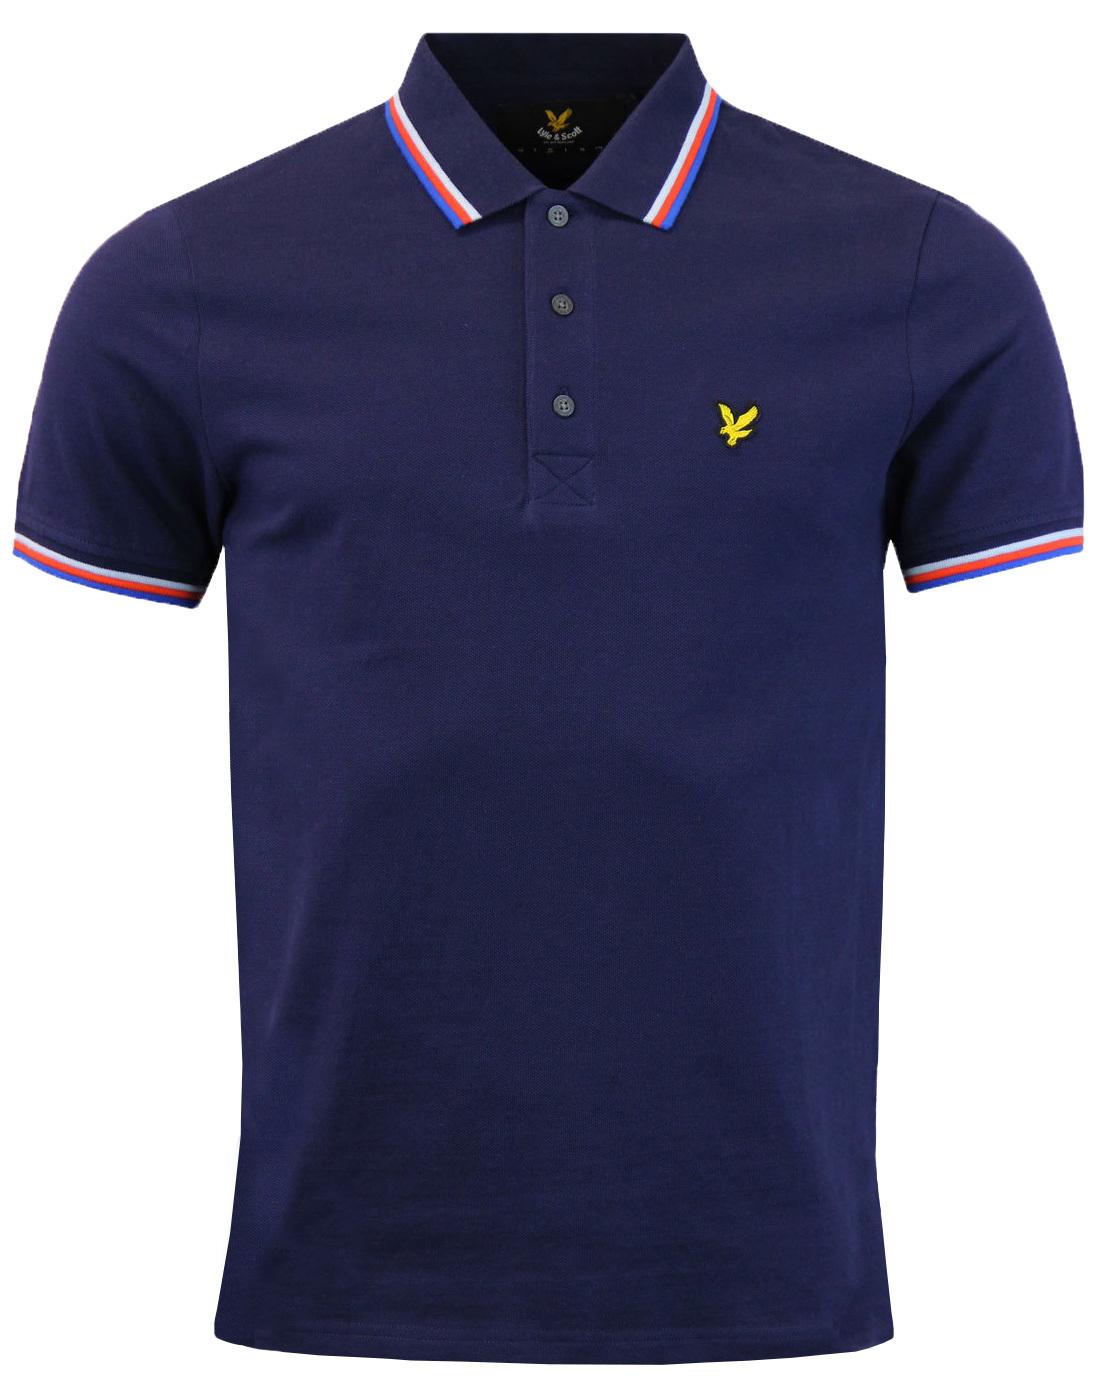 LYLE & SCOTT Retro Mod Tipped Pique Polo Shirt